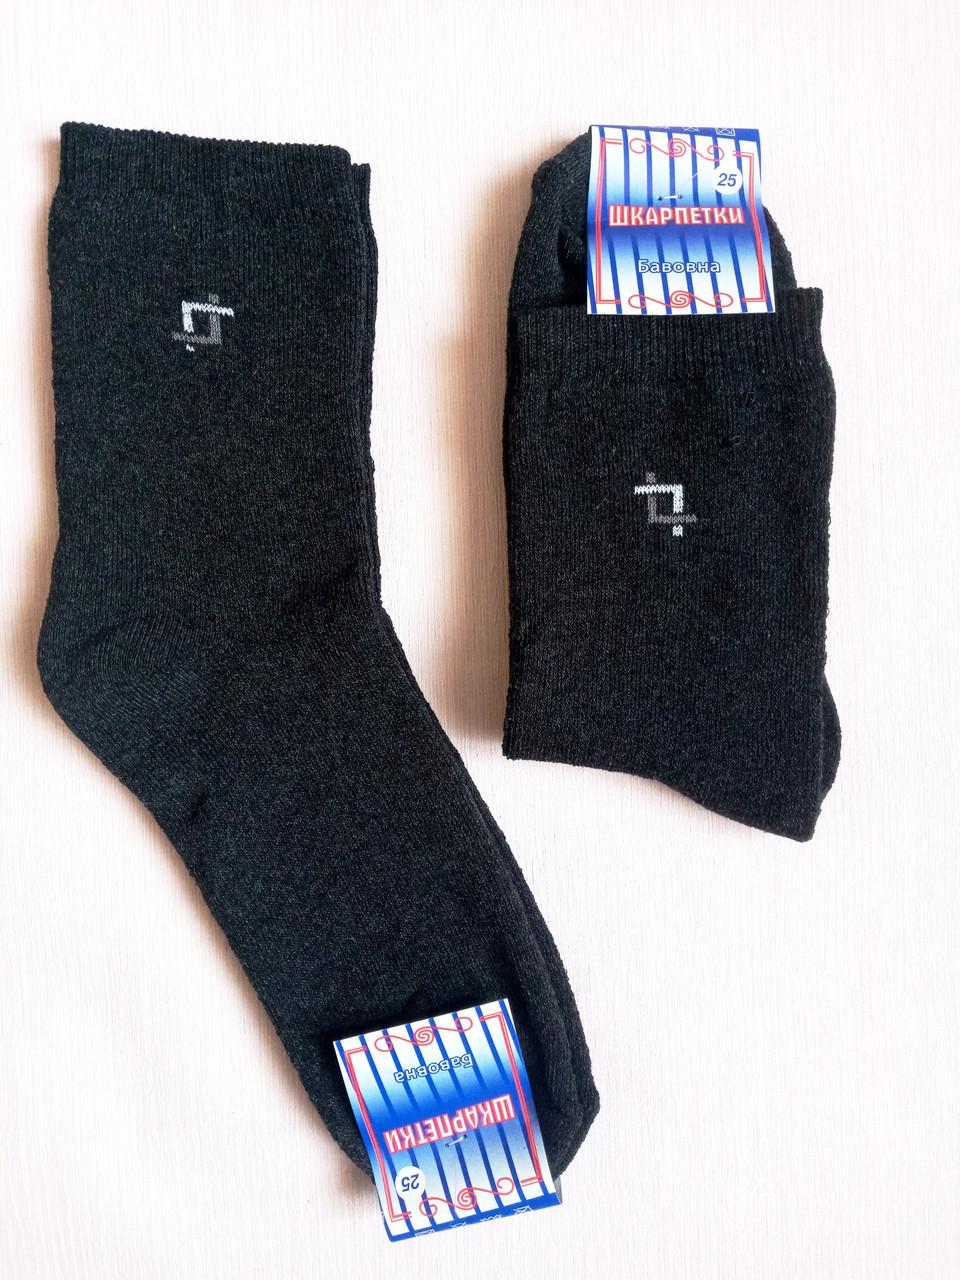 Носки мужские теплые махровые р.25 хлопок стрейч. Цвет серый. От 6 пар по 12грн.